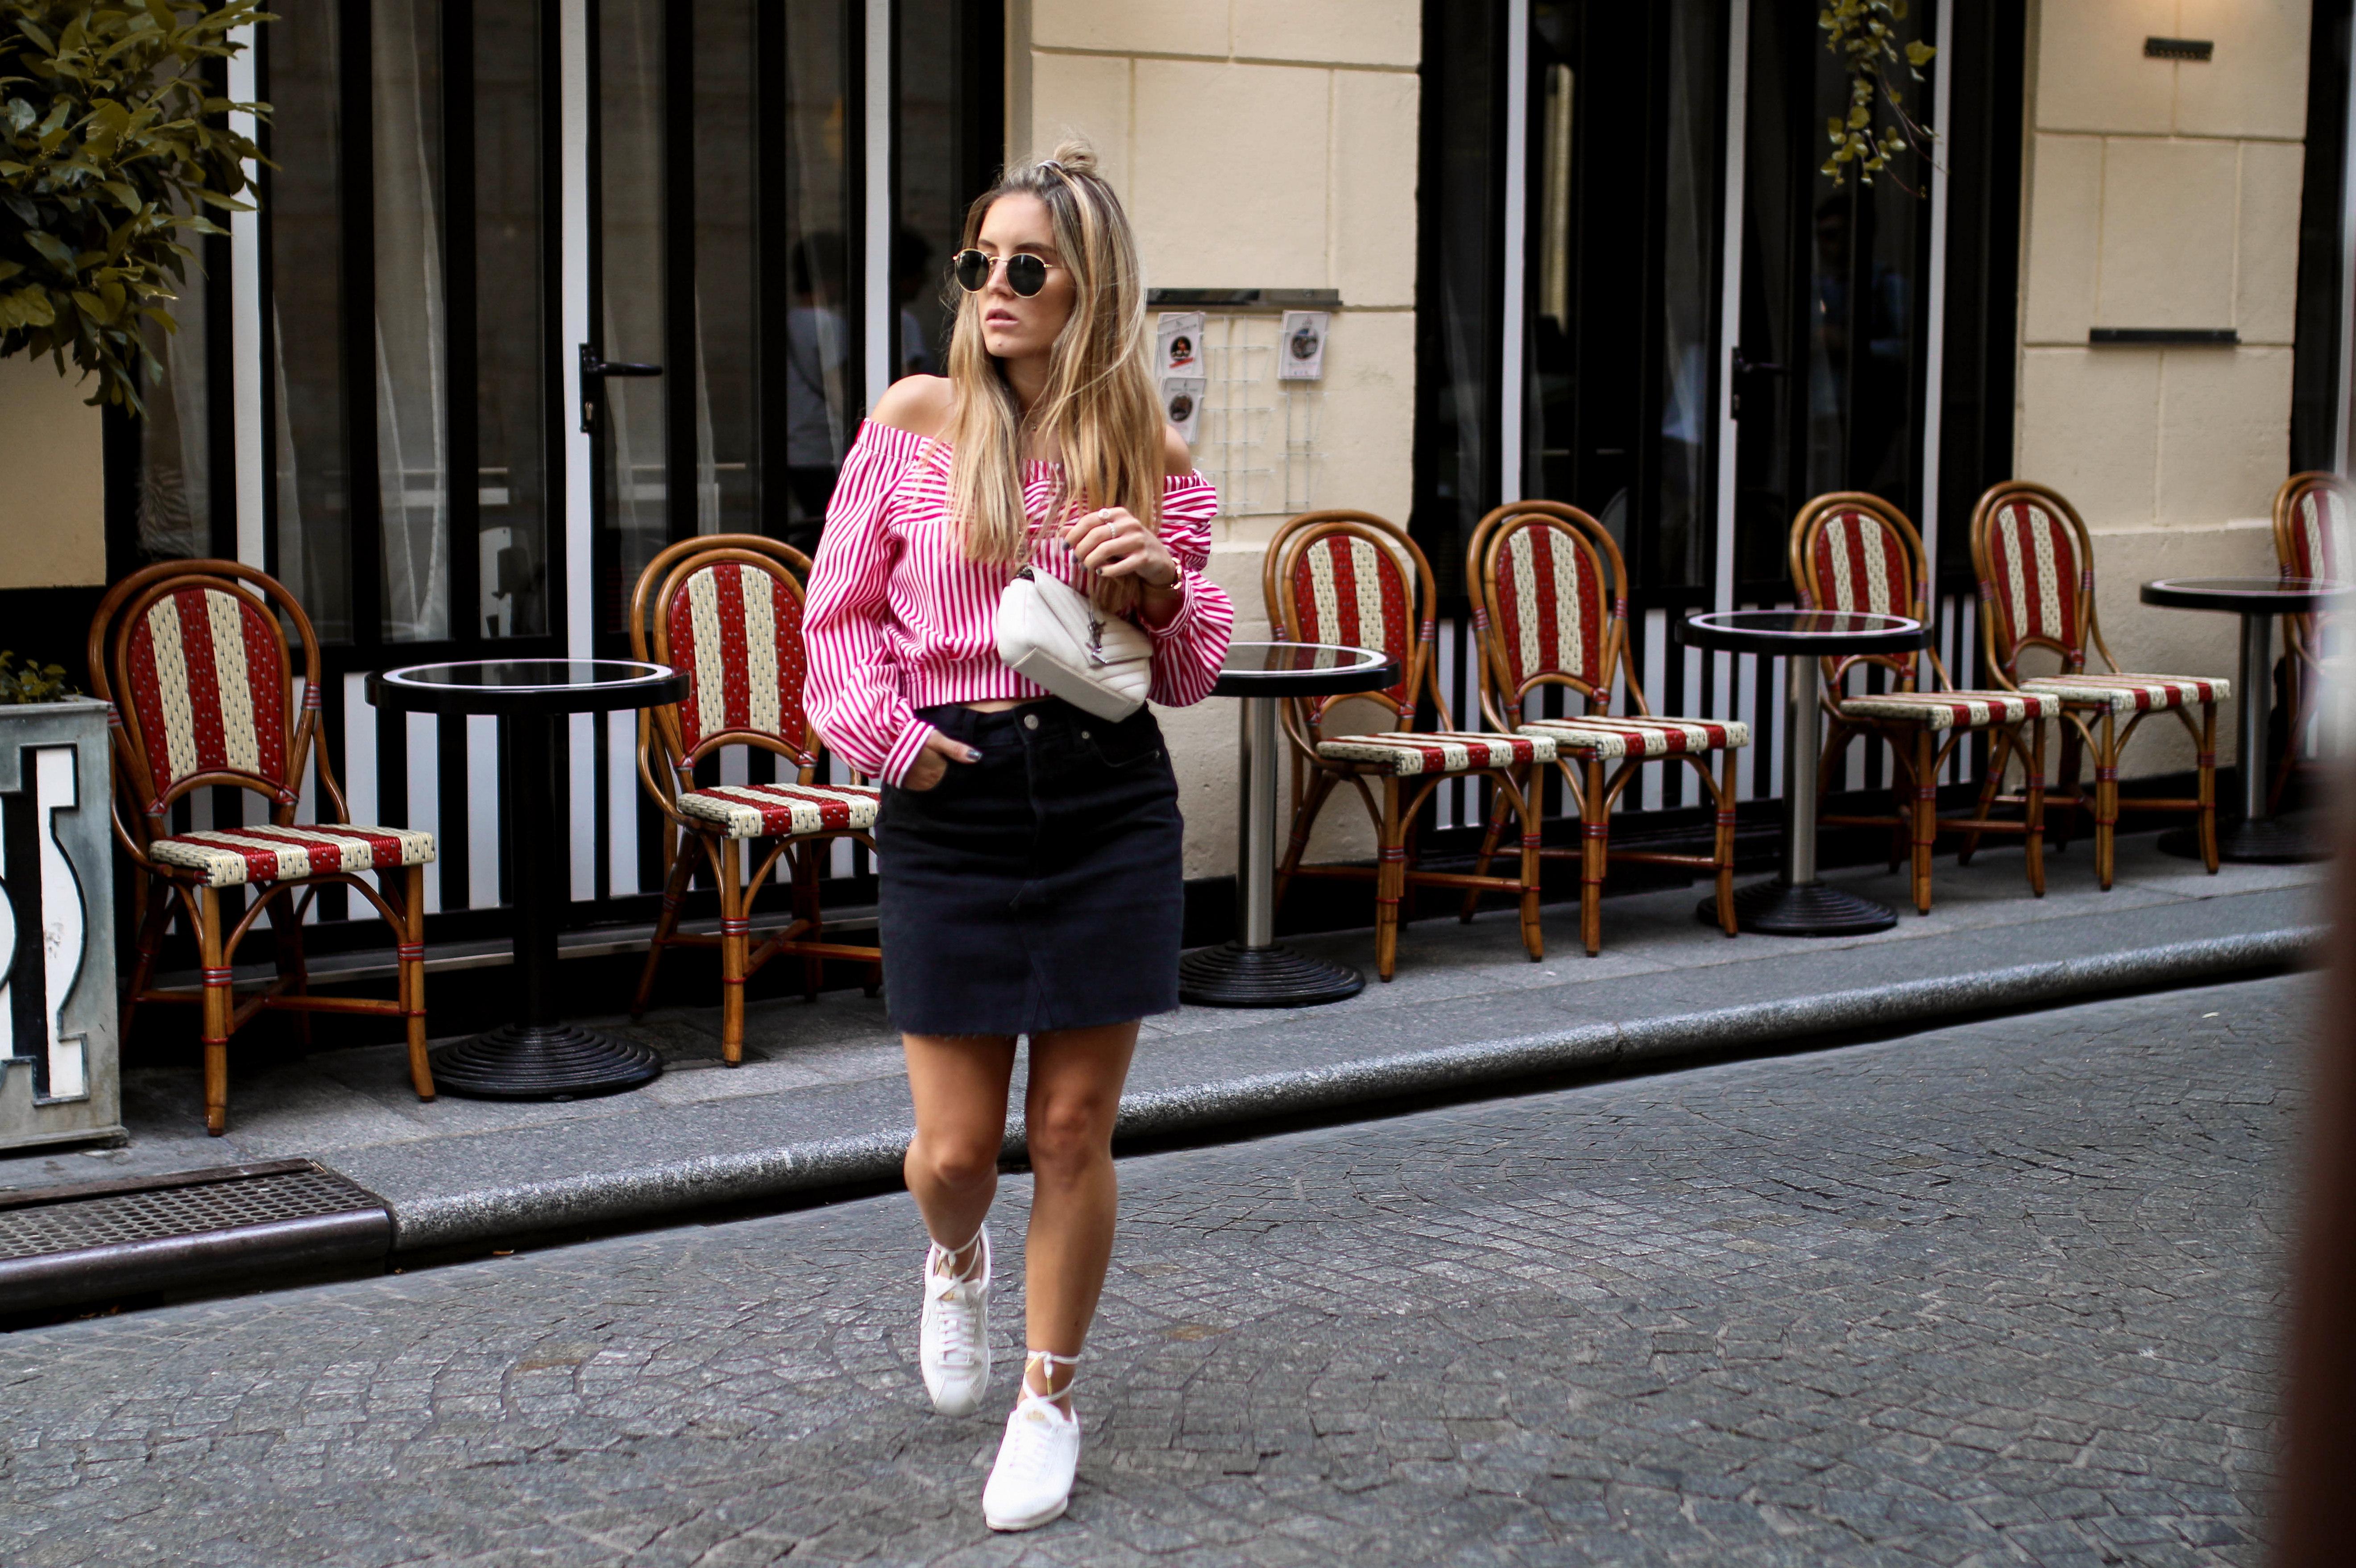 timeless design 0d4c0 303c0 nike cortez sneaker streetstyle paris fashion blog outfit inspiration saint  laurent bag lace up sneakers